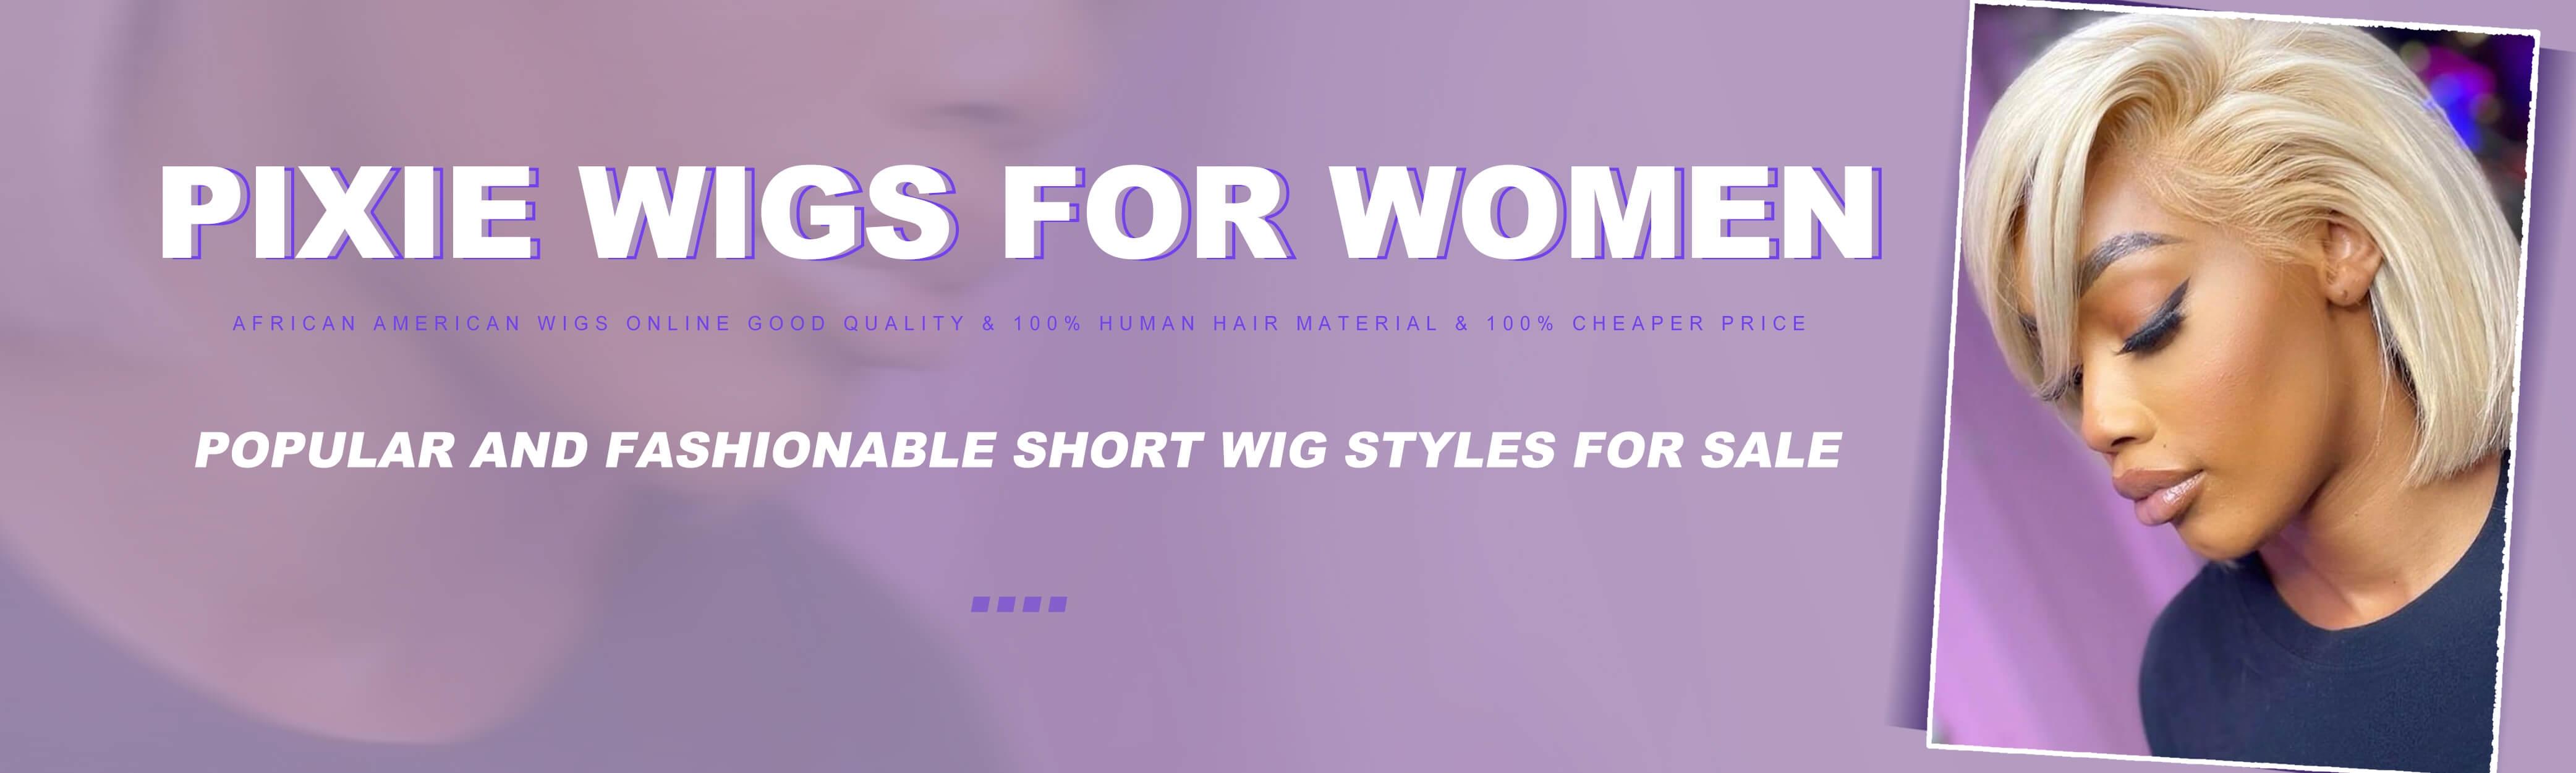 pixie wigs